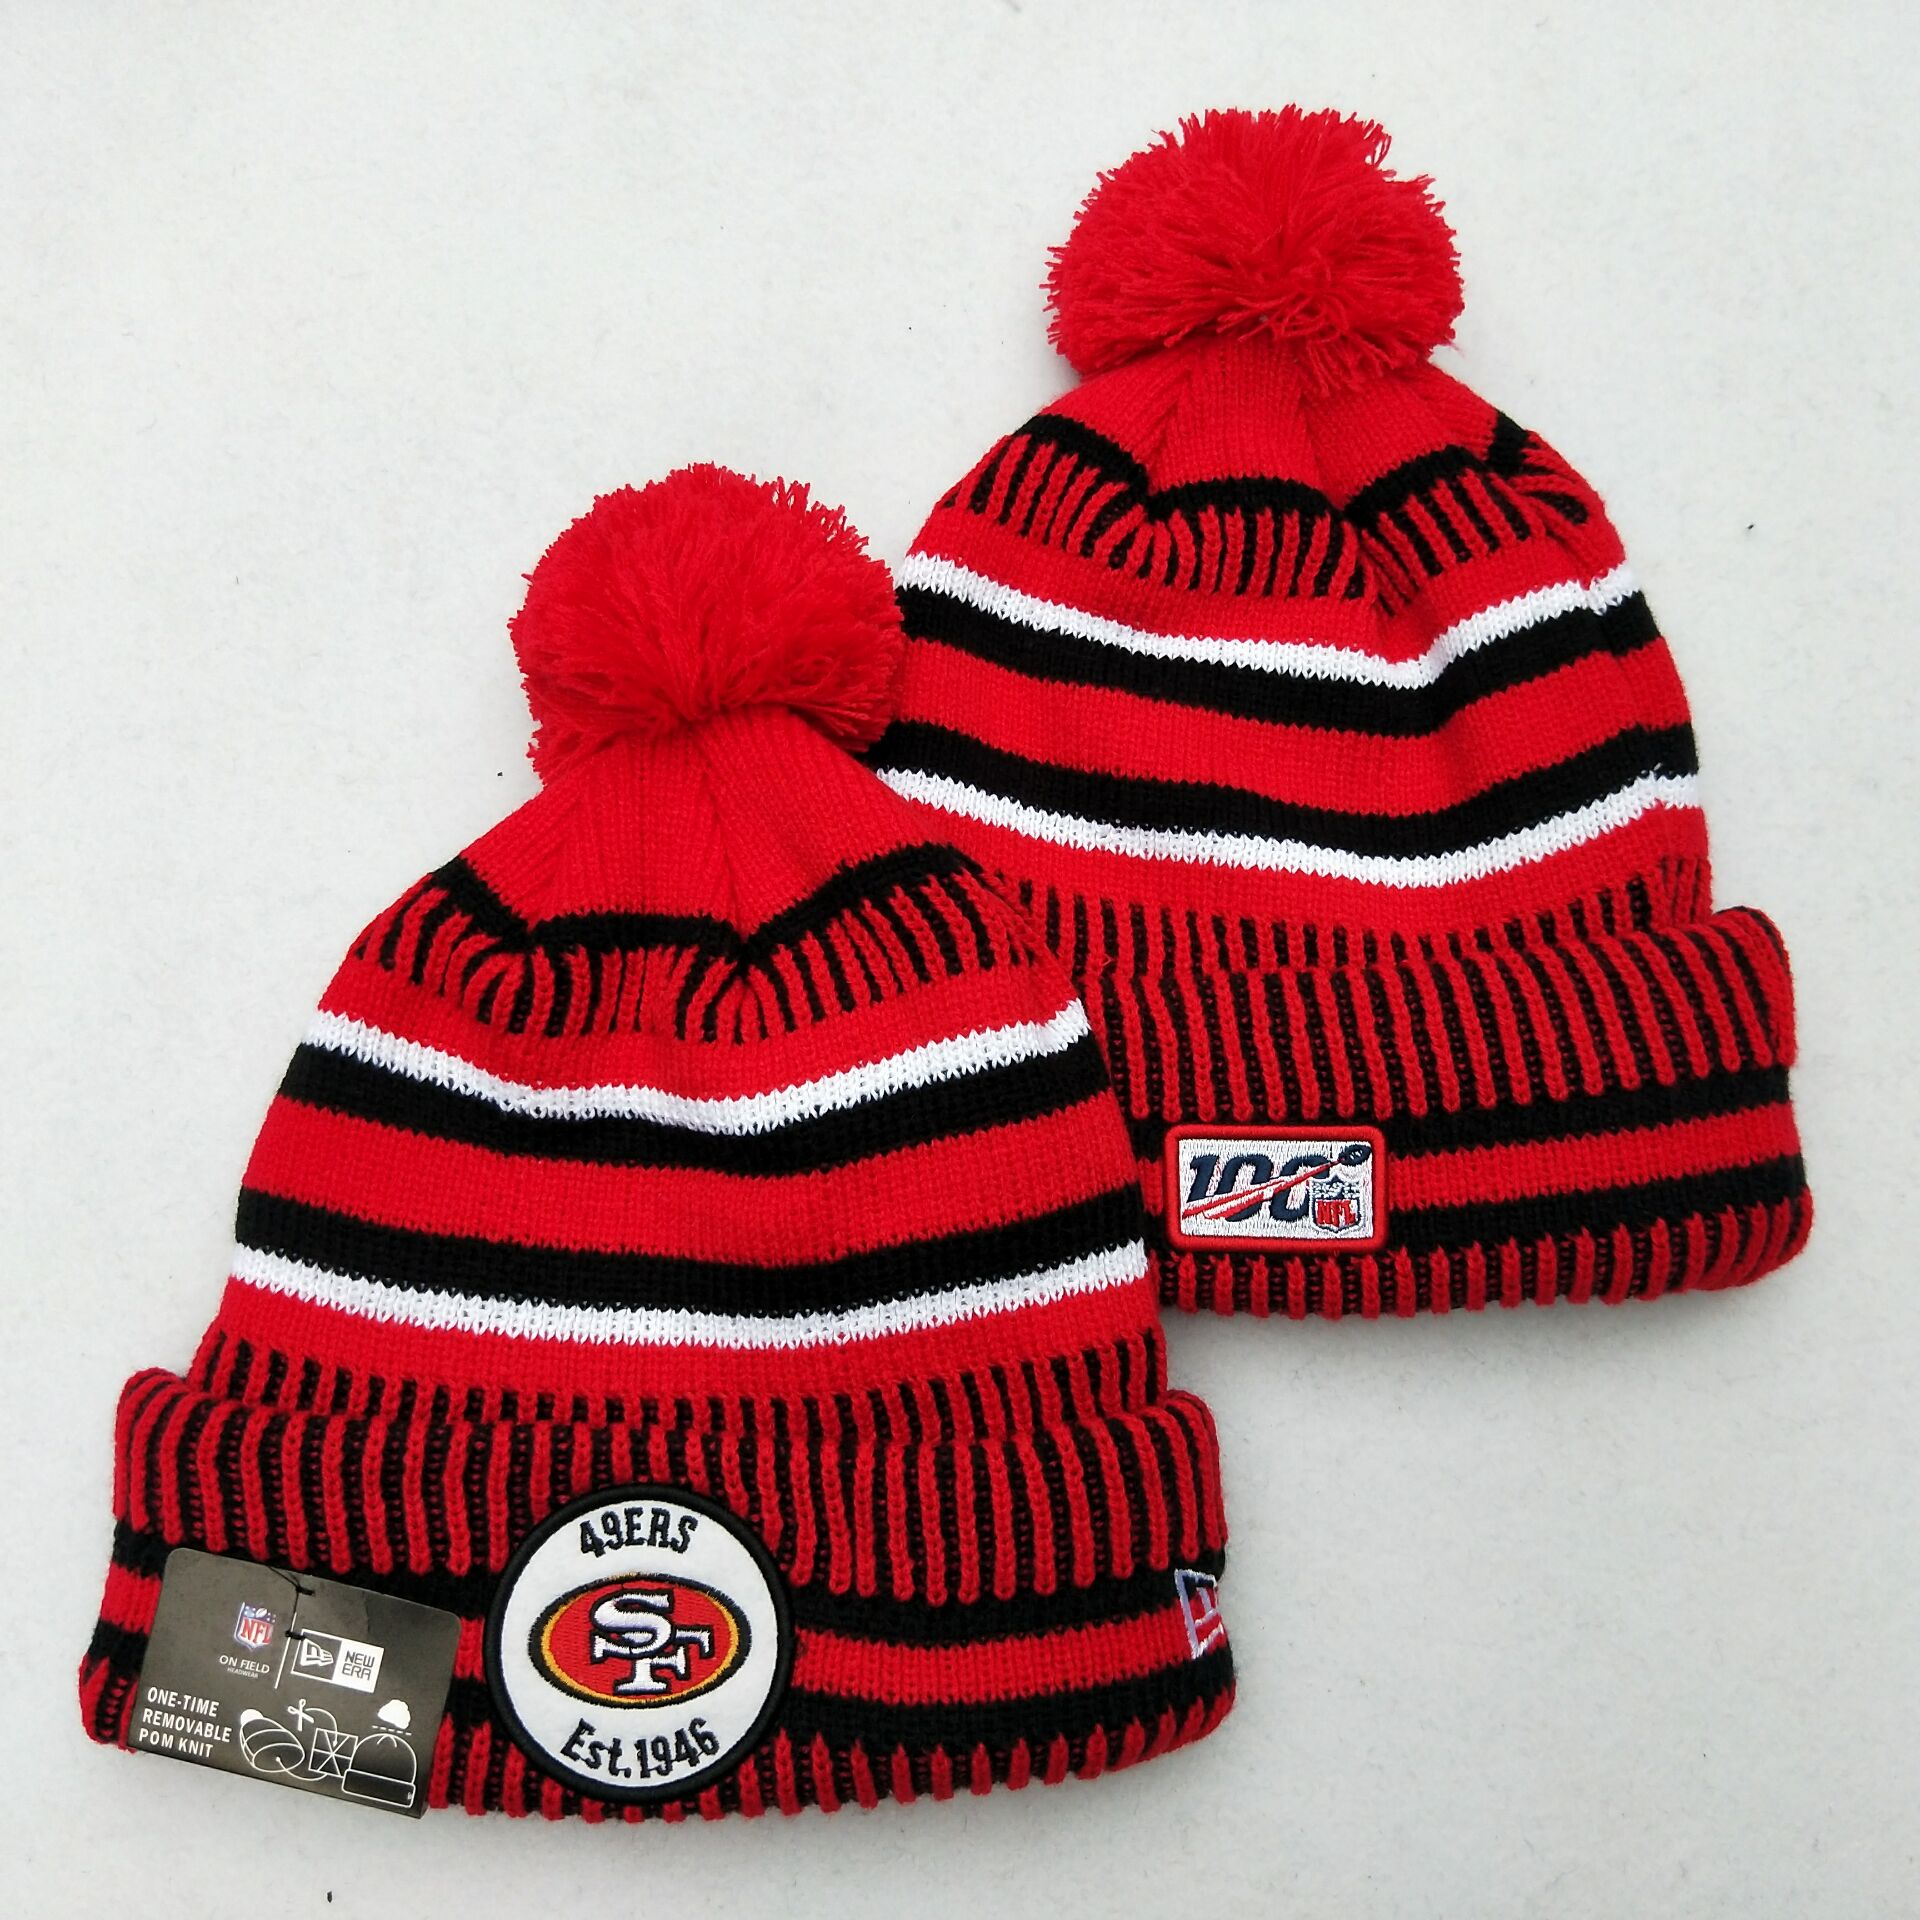 49ers Team Logo Red 100th Season Pom Knit Hat YD